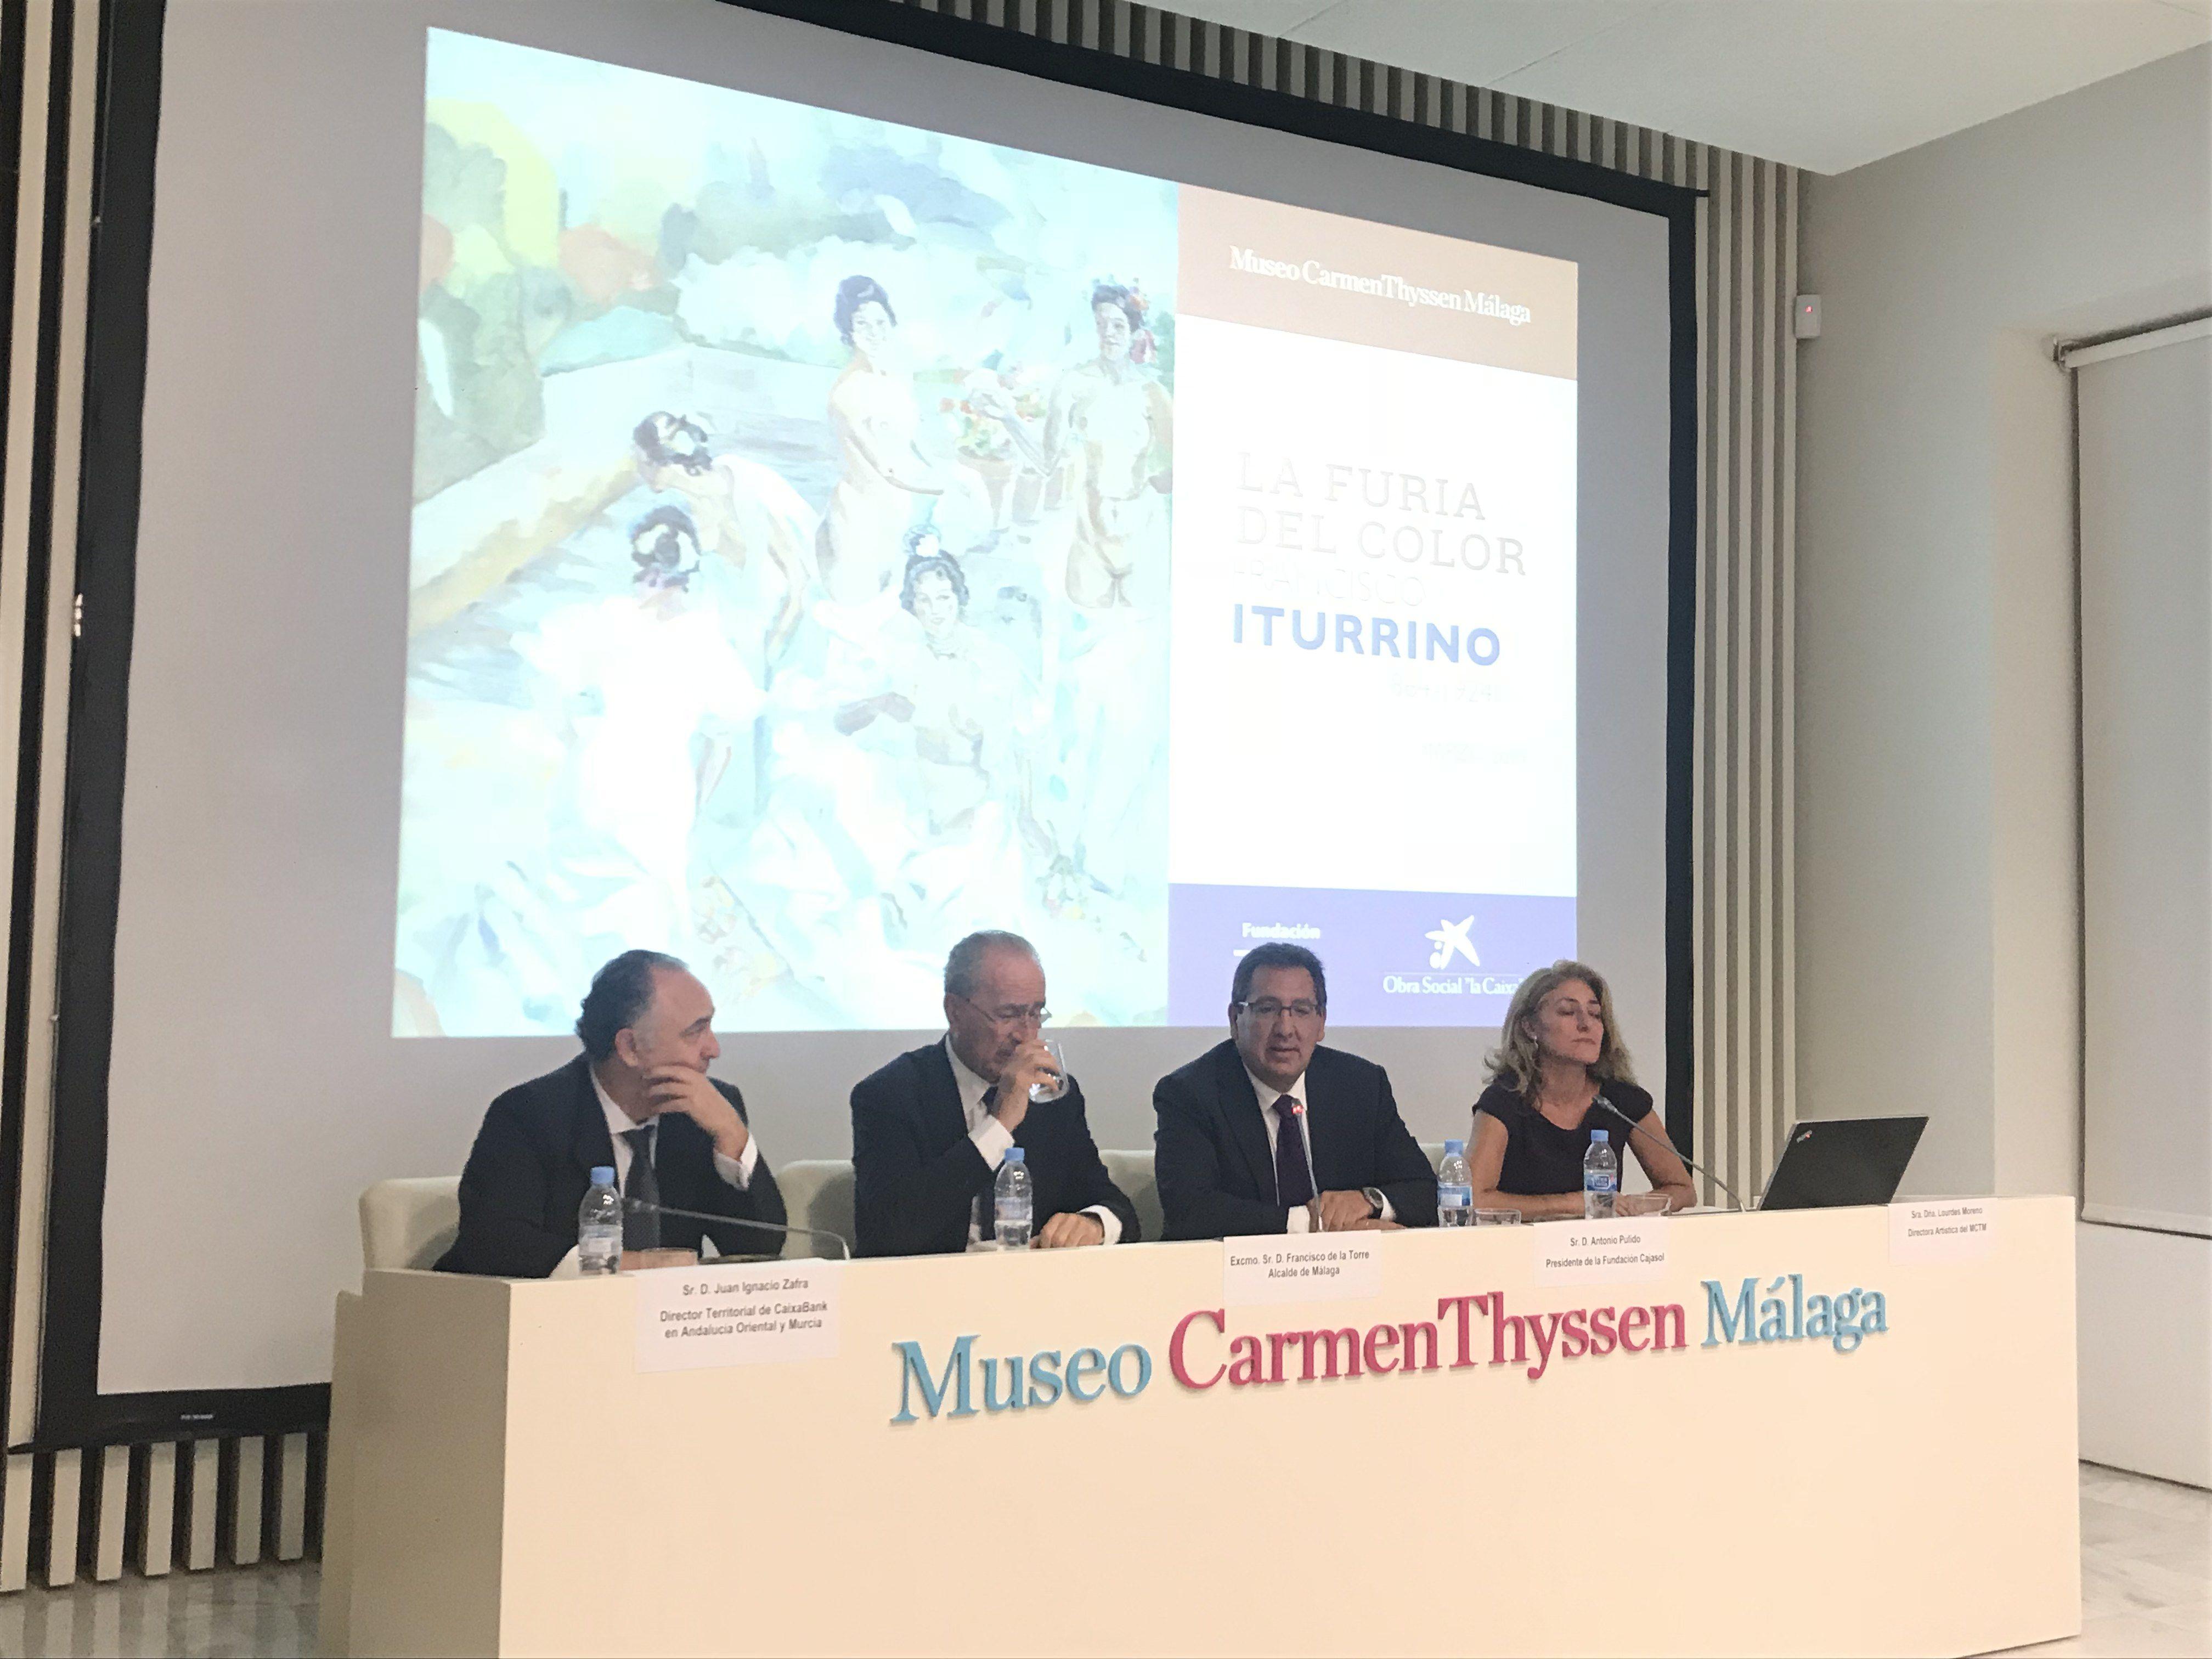 Obra Social la Caixa y Fundación Cajasol colaboran en exposición sobre Francisco Iturrino